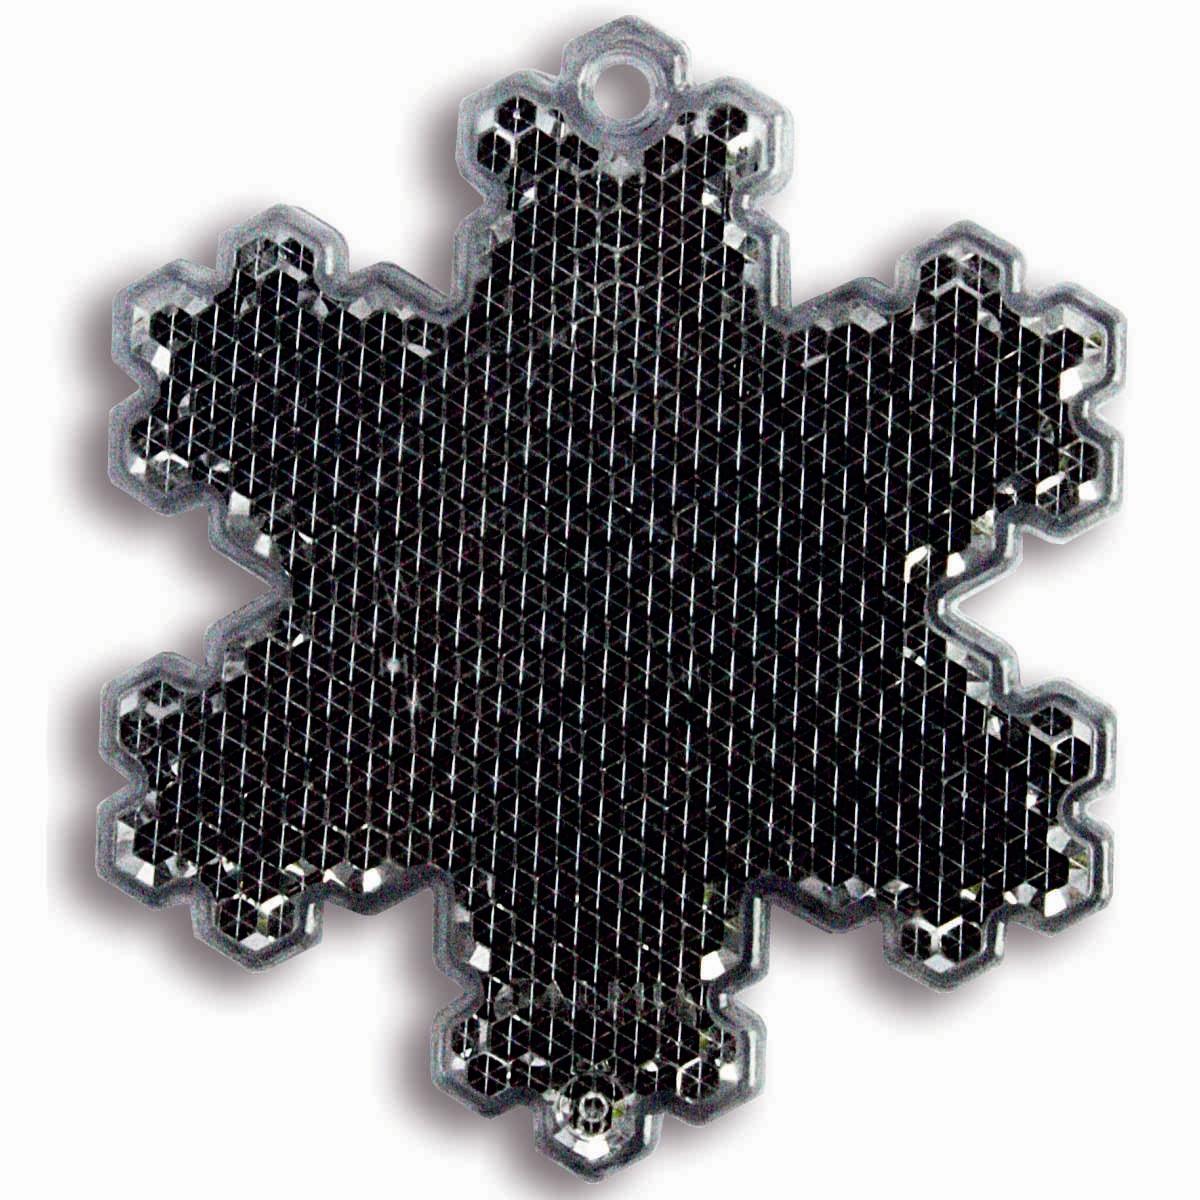 Светоотражатель пешеходный Coreflect Снежинка, цвет: черныйДА-18-2кПешеходный светоотражатель — это серьезное средство безопасности на дороге. Использование светоотражателей позволяет в десятки раз сократить количество ДТП с участием пешеходов в темное время суток. Светоотражатель крепится на одежду и обладает способностью к направленному отражению светового потока. Благодаря такому отражению, водитель может вовремя заметить пешехода в темноте, даже если он стоит или двигается по обочине. А значит, он успеет среагировать и избежит возможного столкновения. С 1 июля 2015 года ношение светоотражателей вне населенных пунктов является обязательным для пешеходов! Мы рекомендуем носить их и в городе! Для безопасности и сохранения жизни!